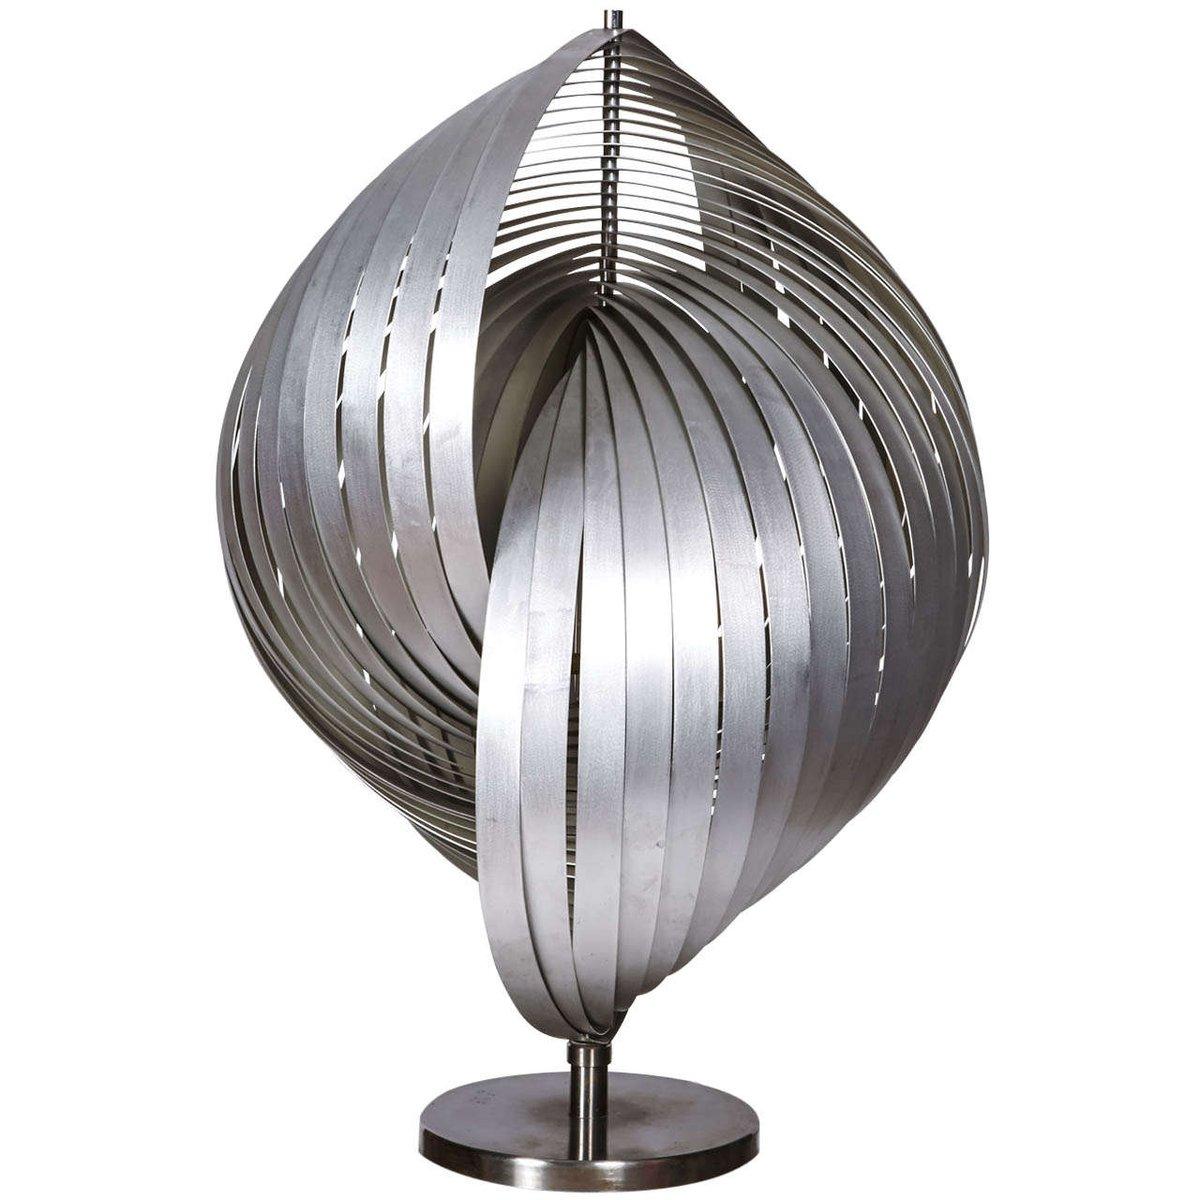 Skulpturale Tischlampe aus Stahl, 1970er